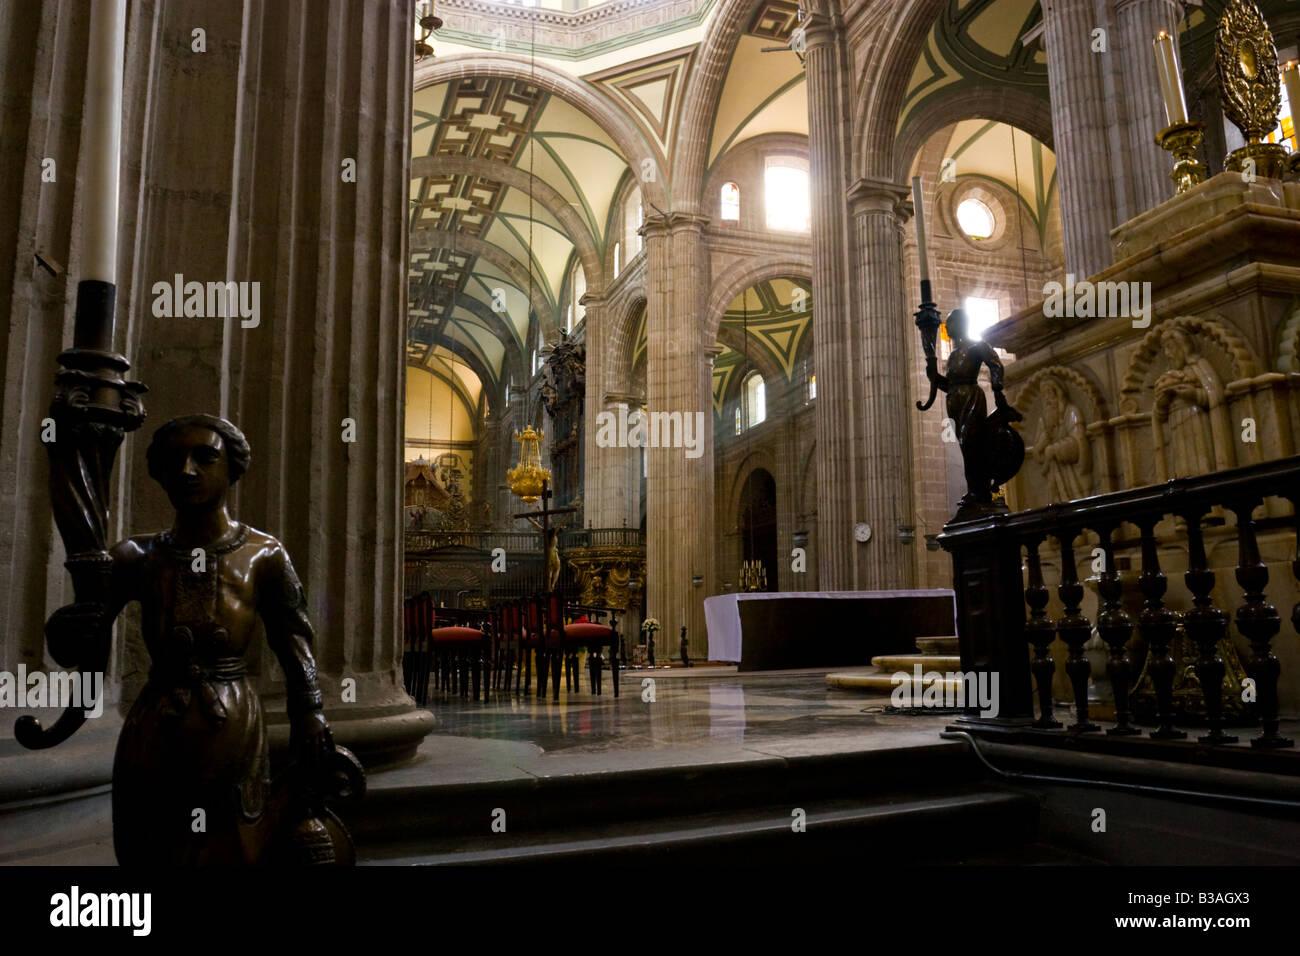 Interior view of Mexico City's Baroque Metropolitan Cathedral. El Catedral Metropolitana. - Stock Image